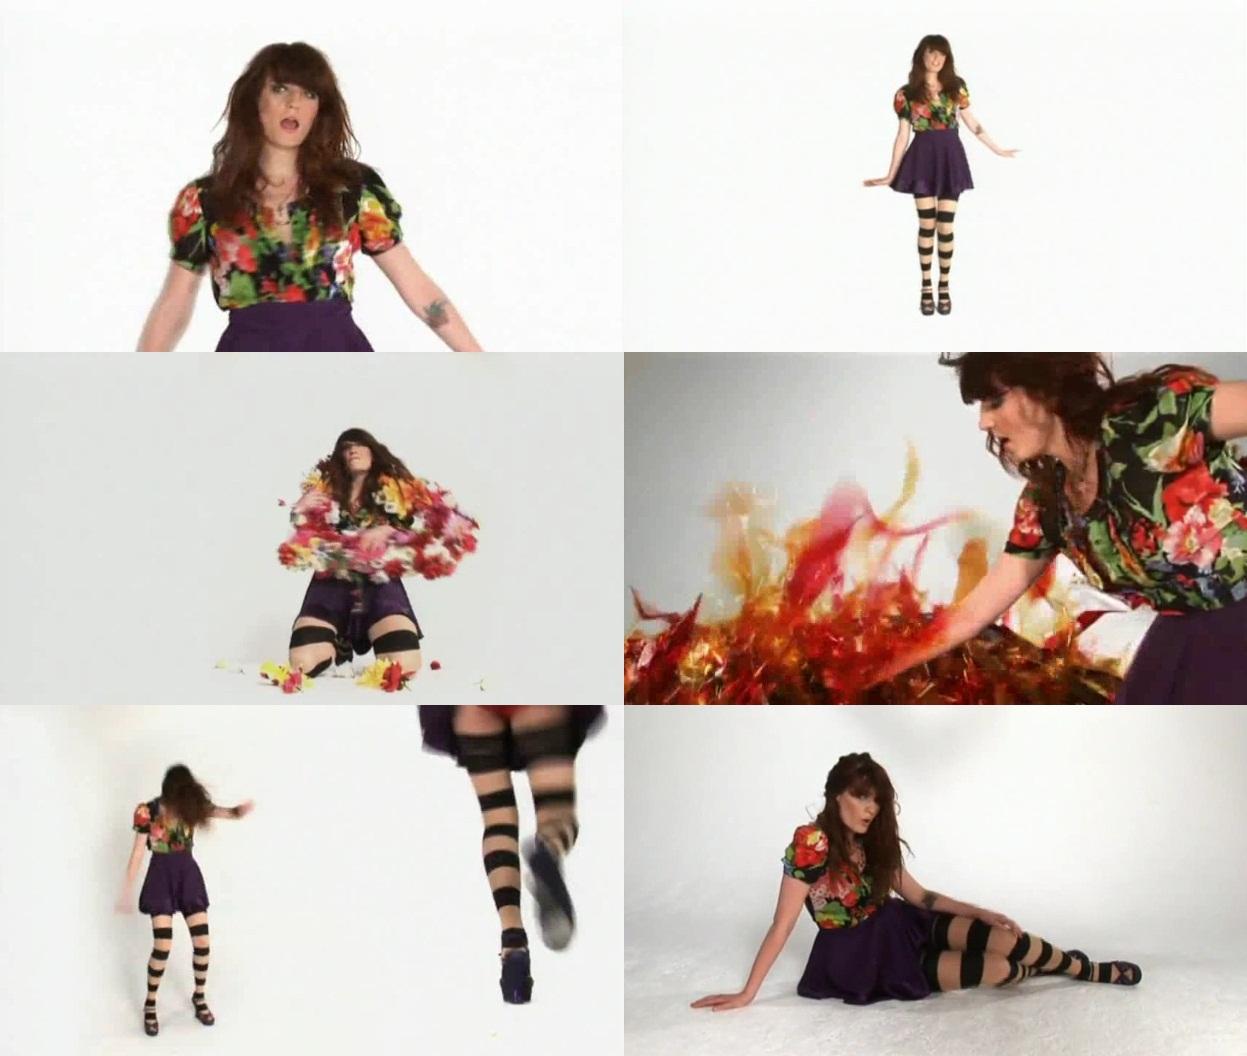 http://2.bp.blogspot.com/-8iuBRrvXSnY/T7k60OFlDPI/AAAAAAAAB5k/rz8WixTzXfQ/s1600/Kiss+With+a+Fist.jpg